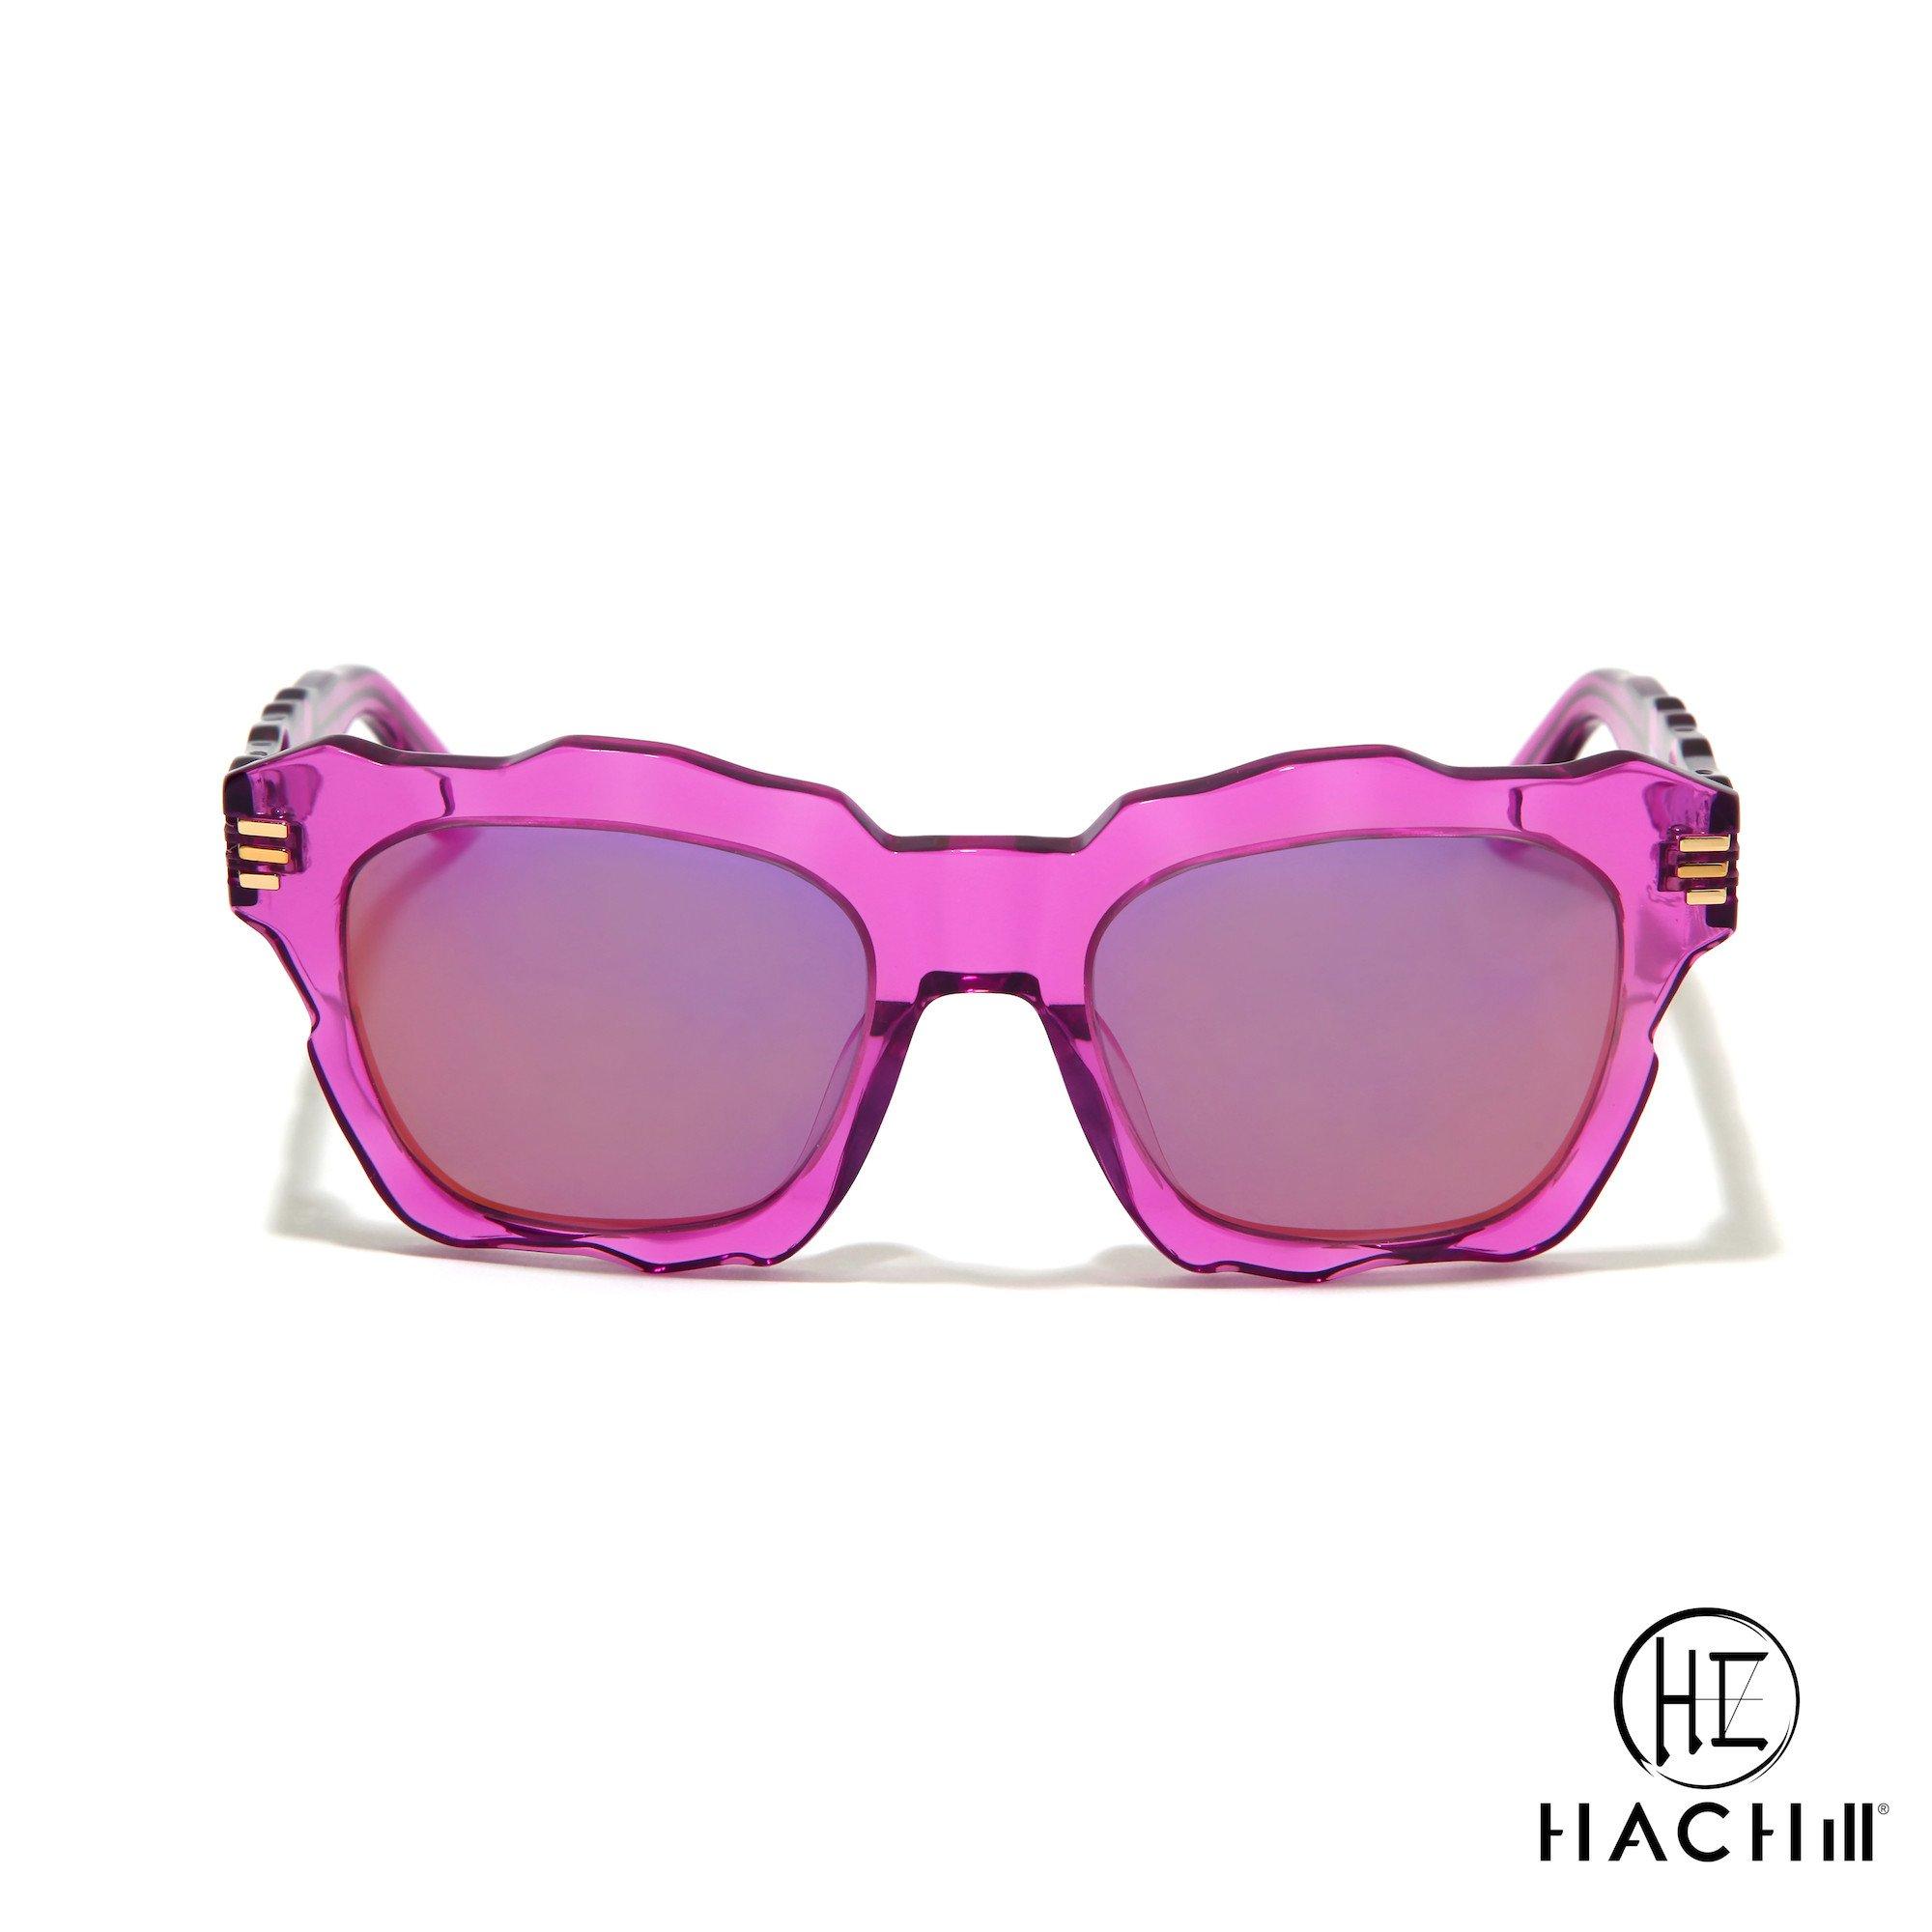 Hachill 太阳眼镜 HC8255S-C4 暗紫色